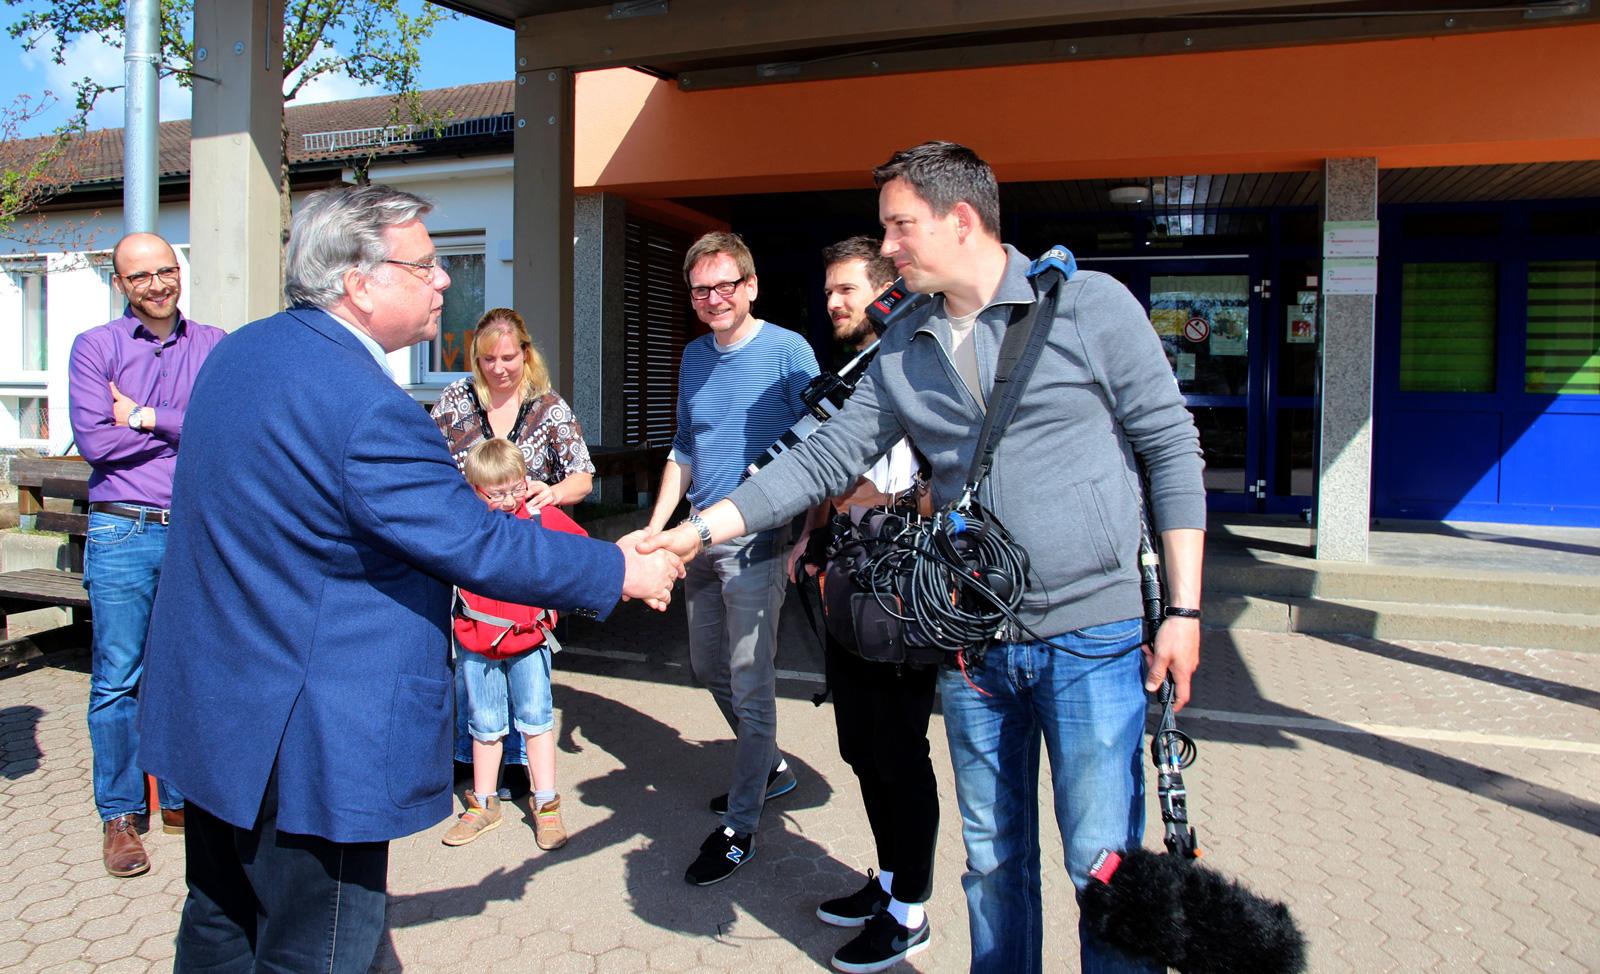 John begrüßte ZDF-Team herzlich und freut sich über den Beitrag der Aktion Mensch. Er hofft, dass das Inklusionsangebot bayernweit Schule macht.